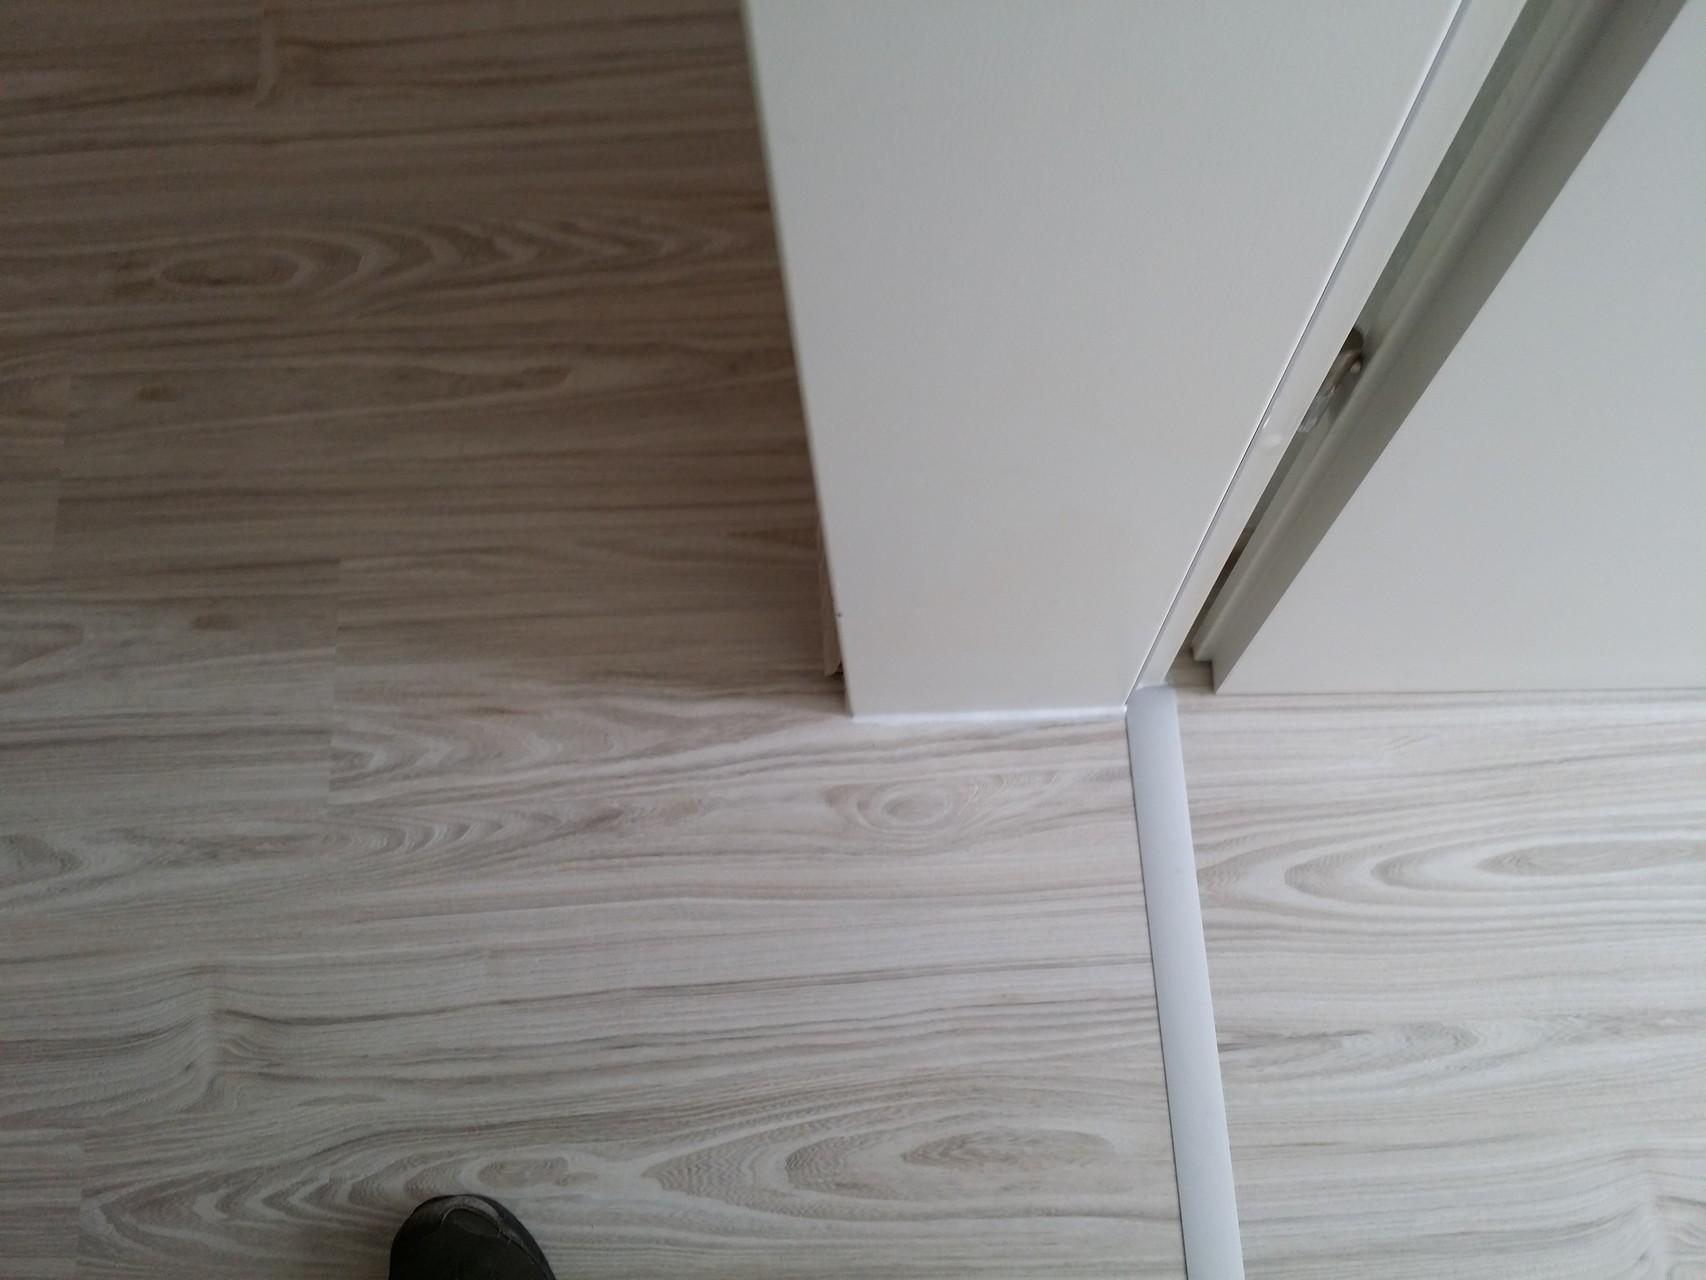 Fußboden Ohne Sockelleisten ~ Laminat ohne sockelleiste verlegen u wohn design